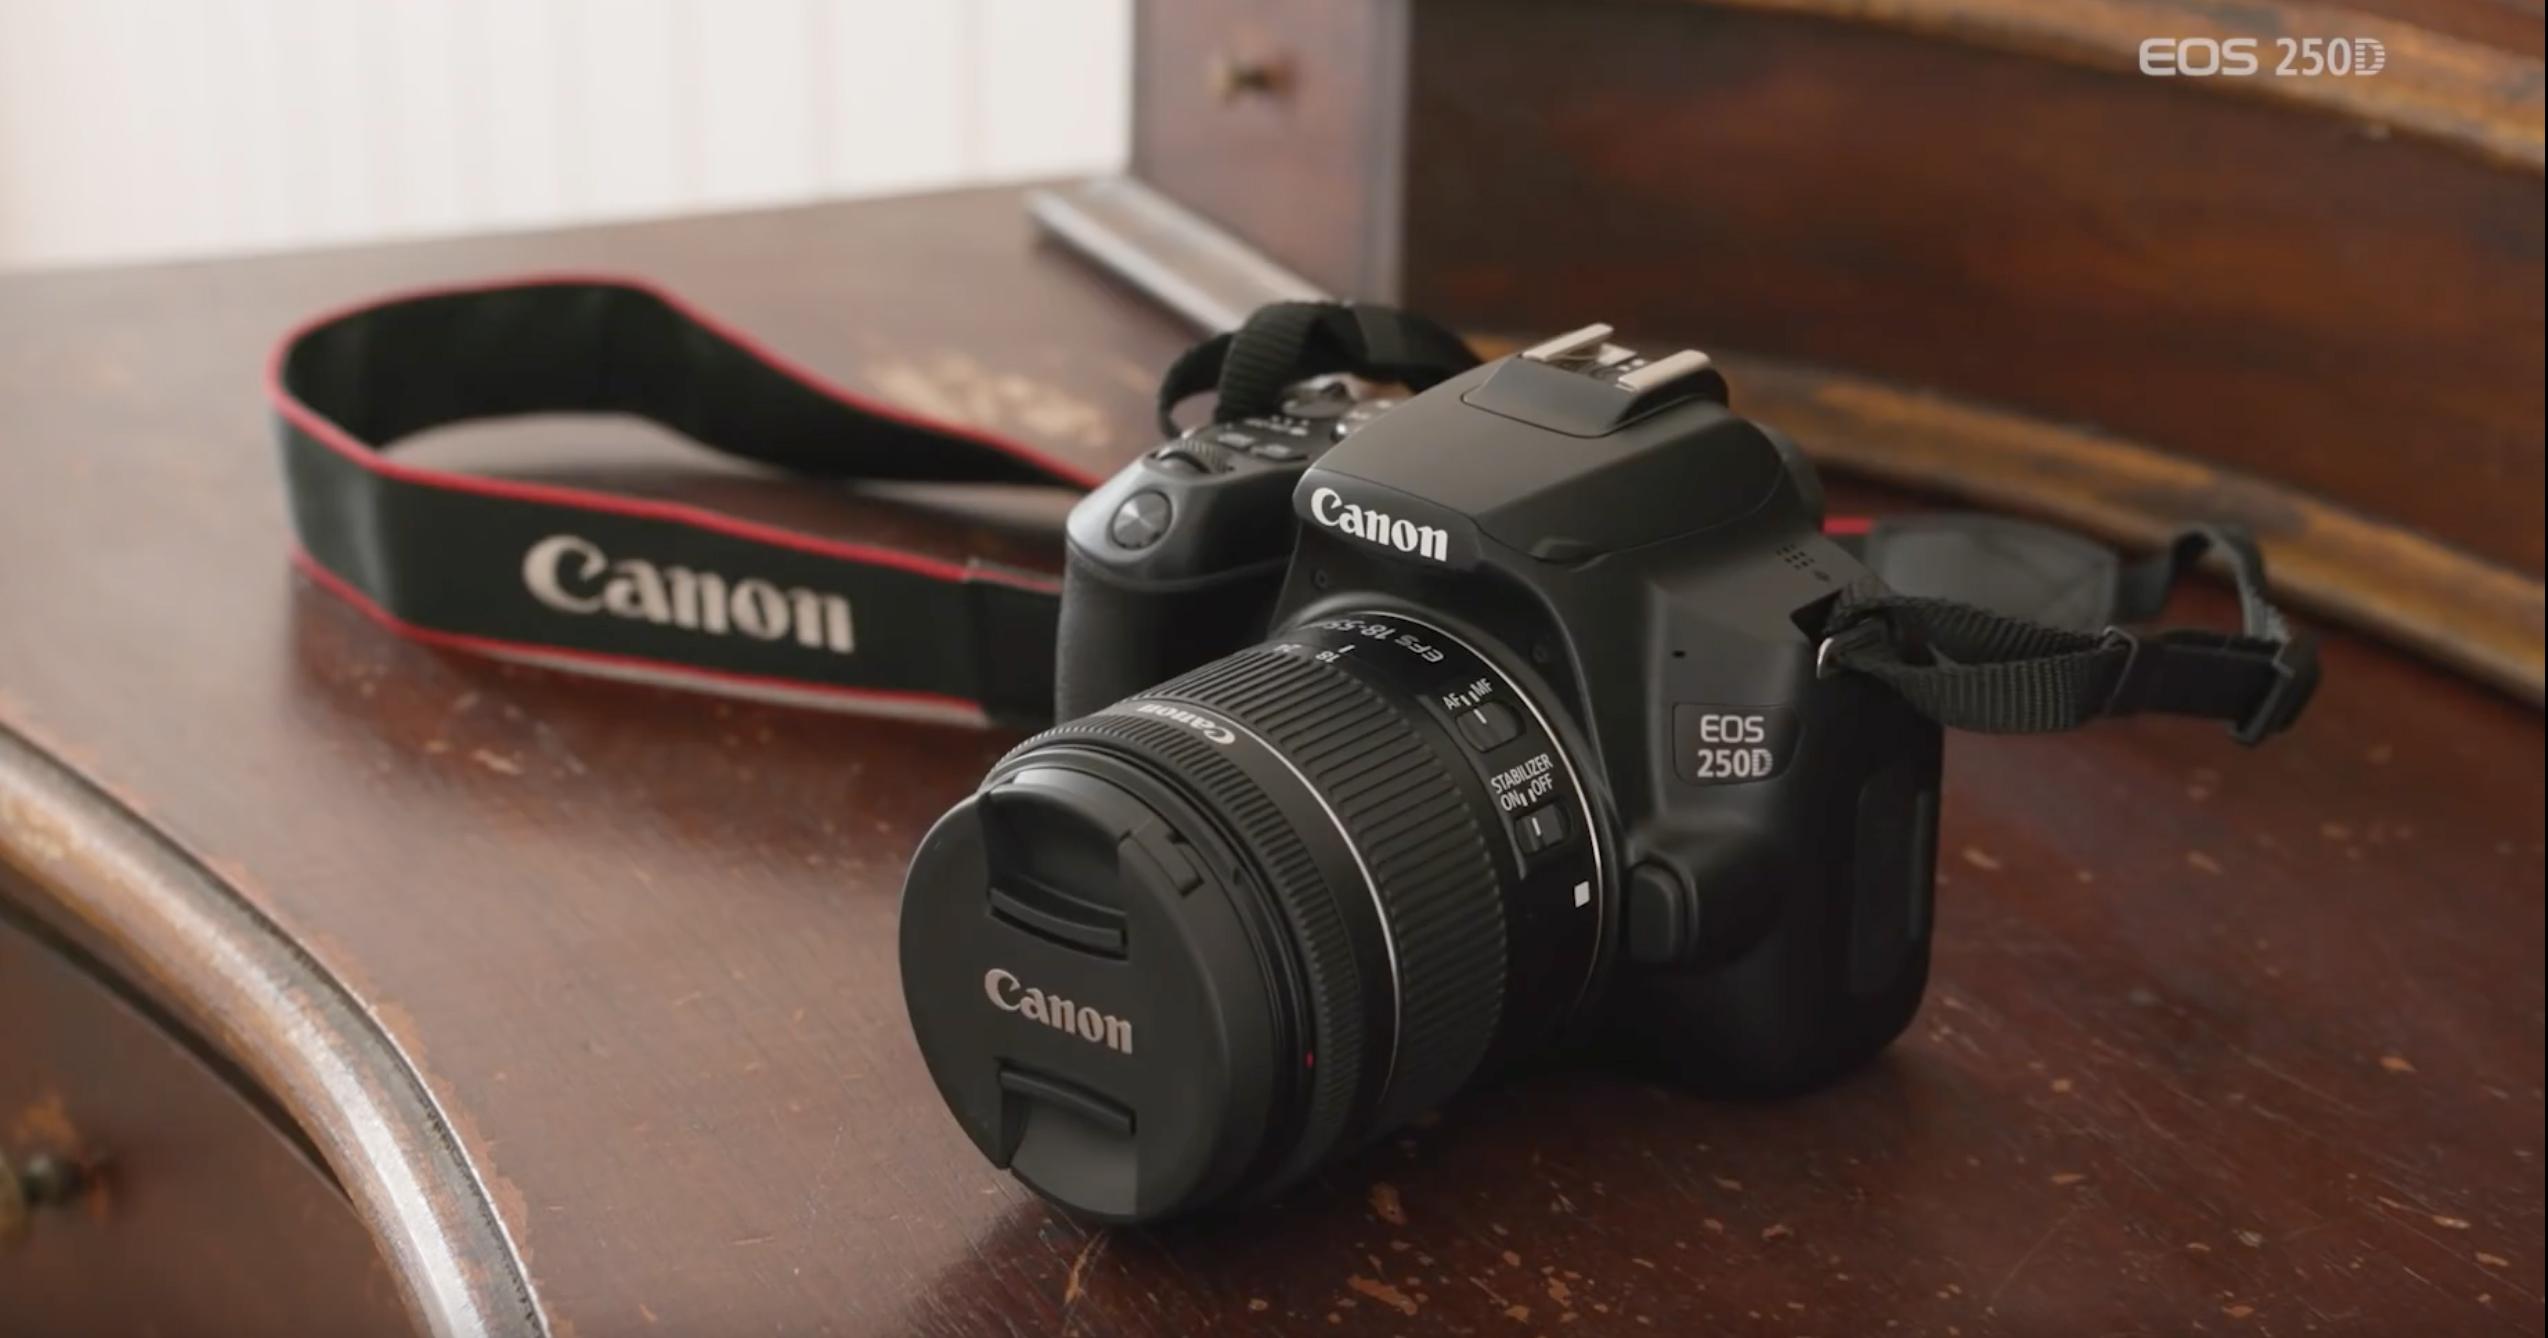 เปลี่ยนกล้อง CANON เป็นเว็บแคมสำหรับ Work From Home